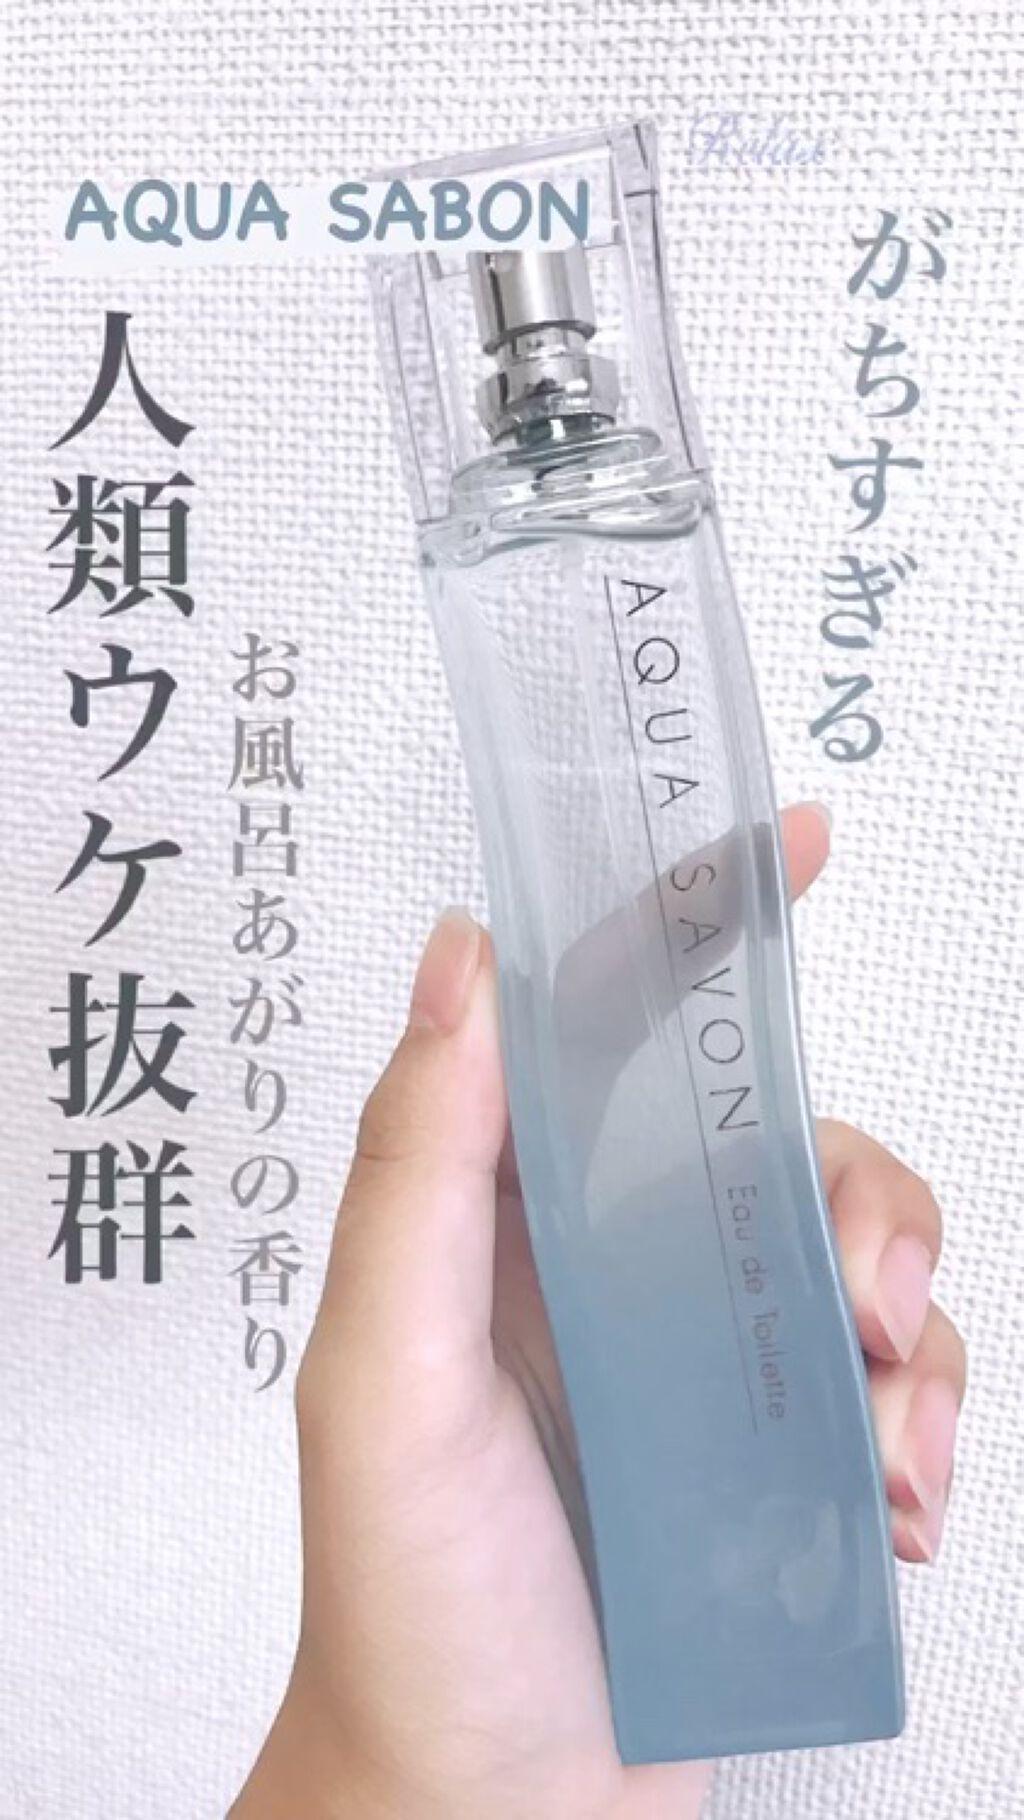 【動画付きクチコミ】どの年代でも使える!人類ウケ!!こんにちは。すず💐です。今日は!私が最近購入した香水(オードトワレ)について書いていこーと思います☺︎「AQUASABONウォータリーシャンプーの香り」・外見まずですね、大きいんです!とりあえず!私まだ...